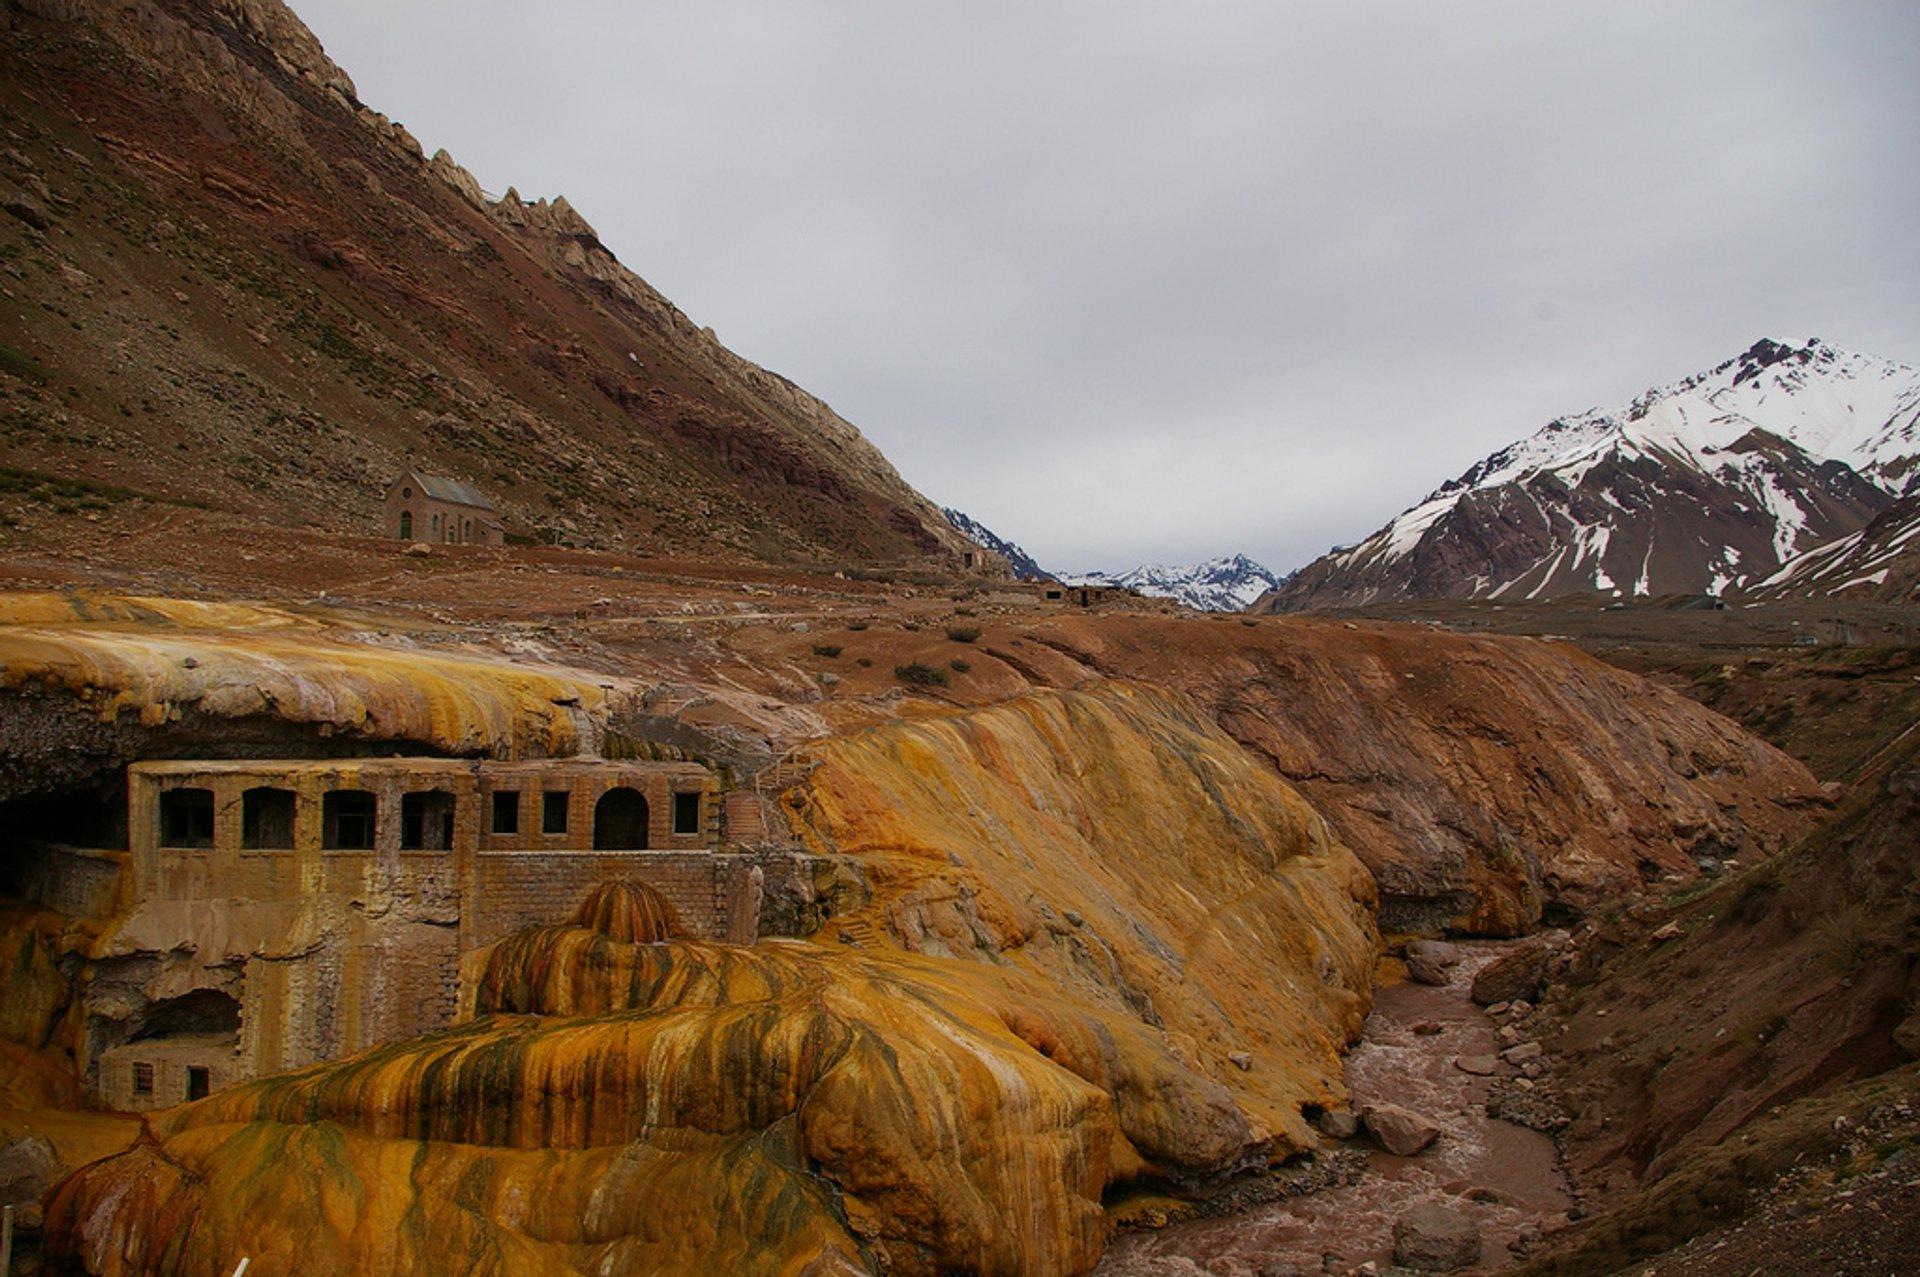 Puente del Inca (The Inca's Bridge) in Argentina - Best Season 2020